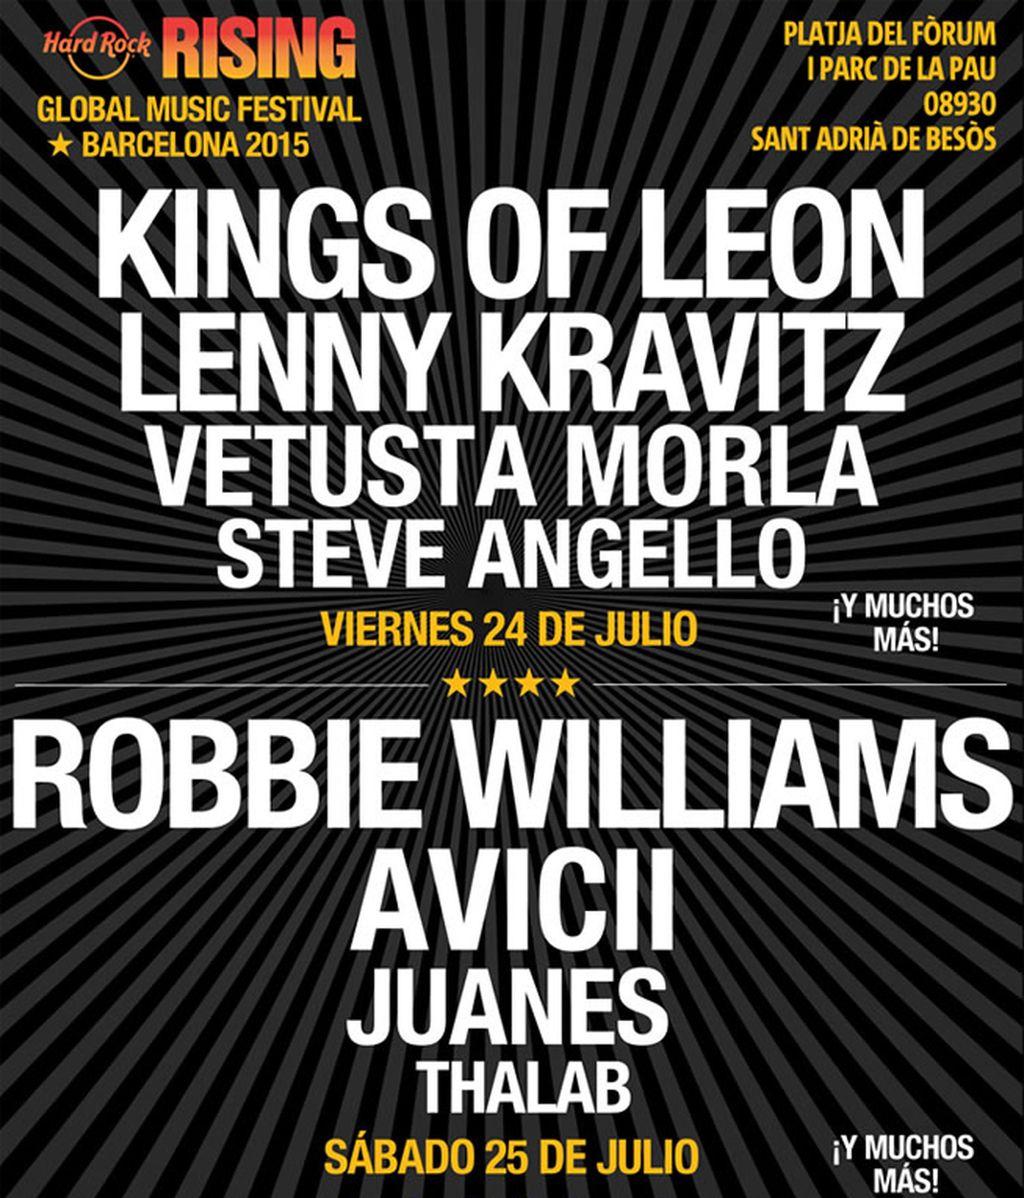 Llega a España el Hard Rock Rising Festival con un cartel que incluye entre otros a Robbie Williams, Lenny Kravitz, Kings of Leon y Avicii